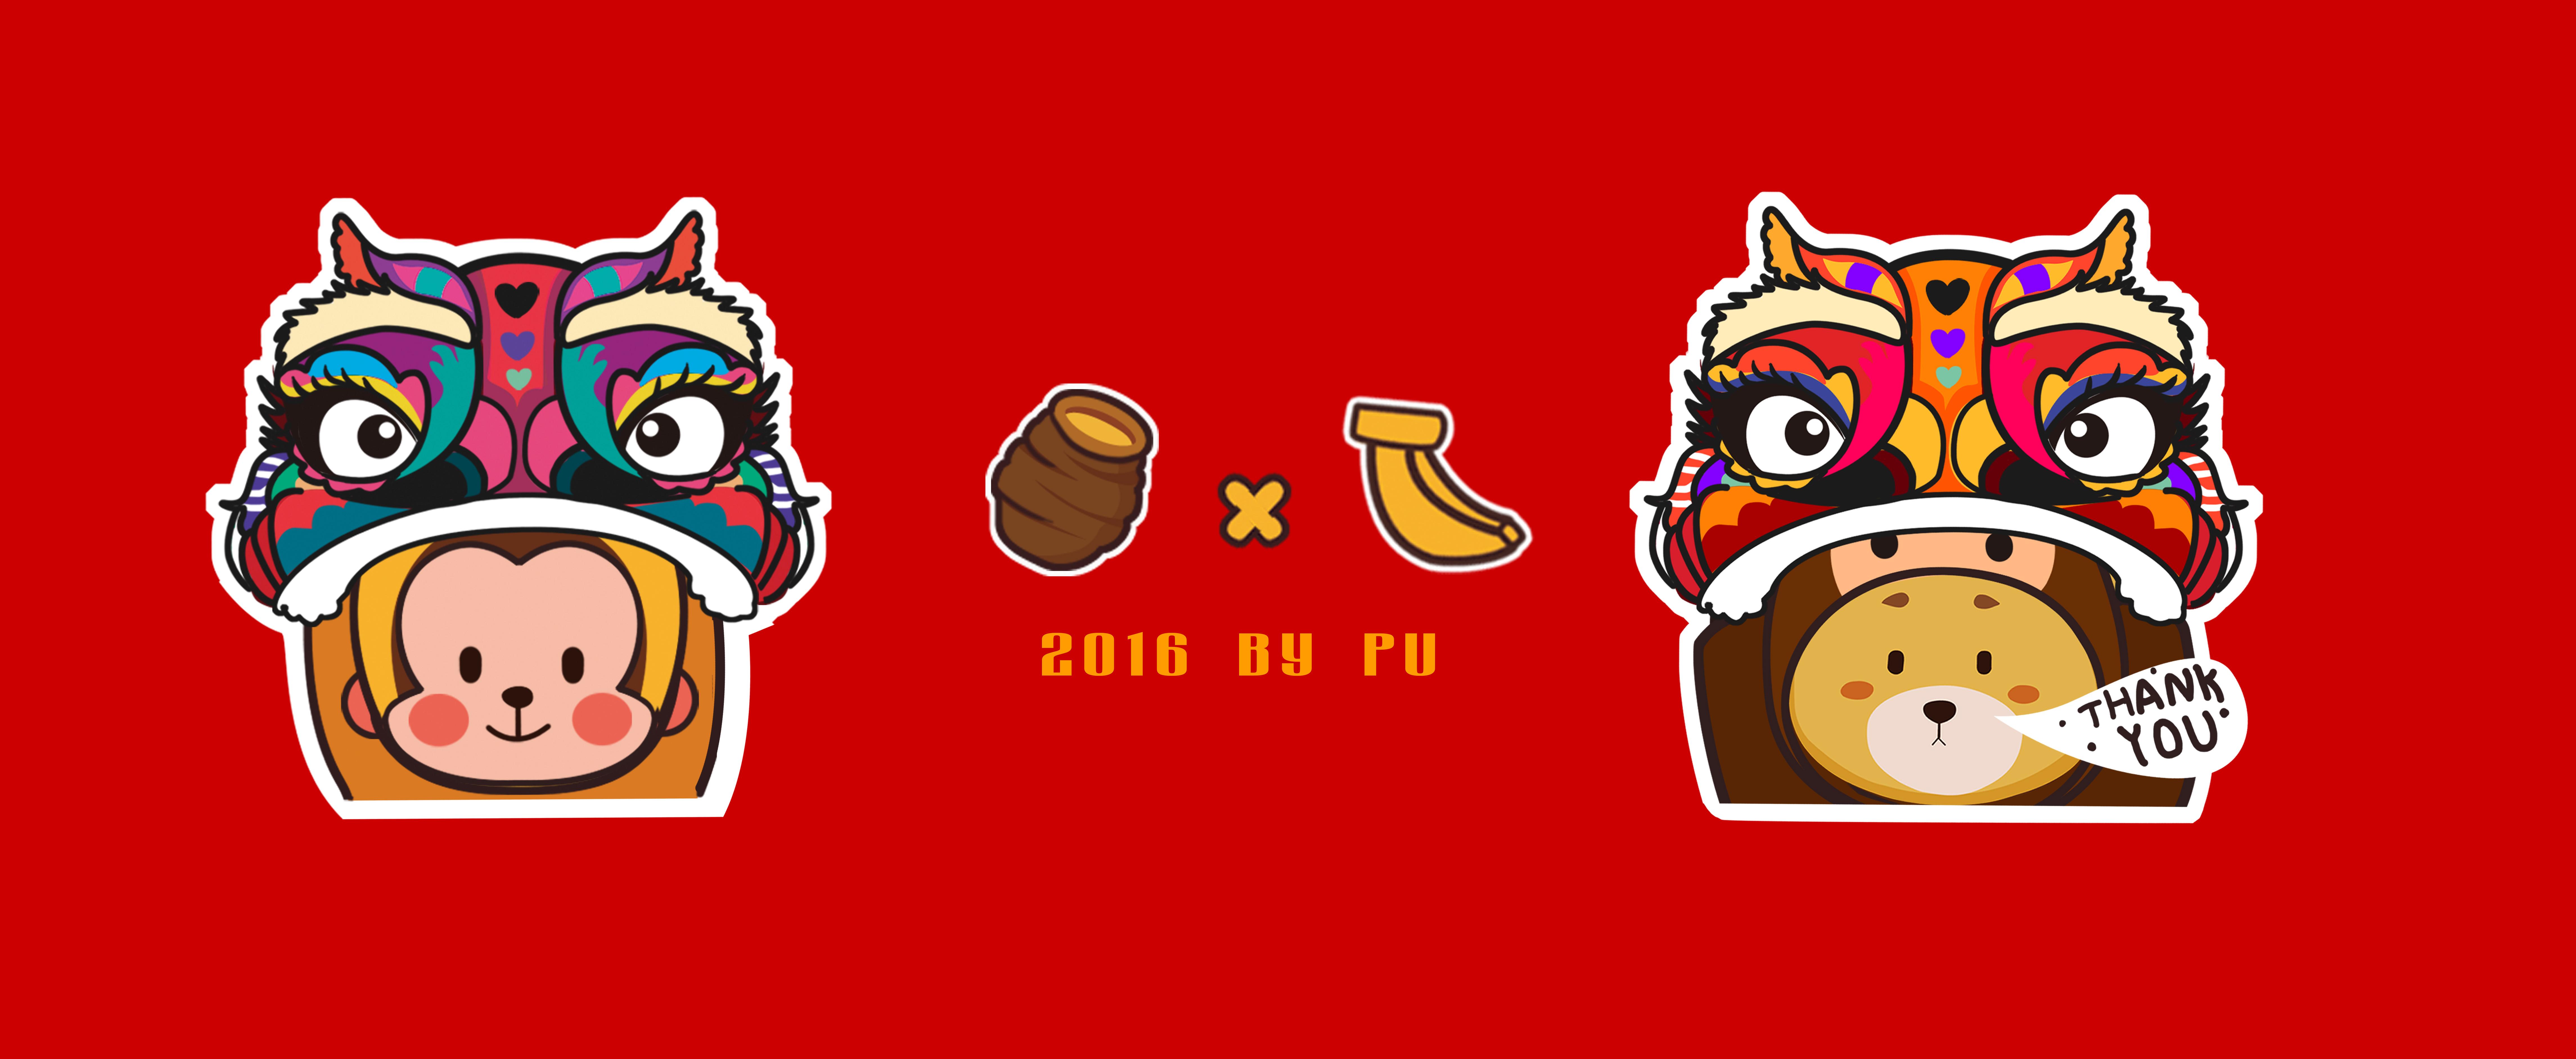 2016恭喜发财